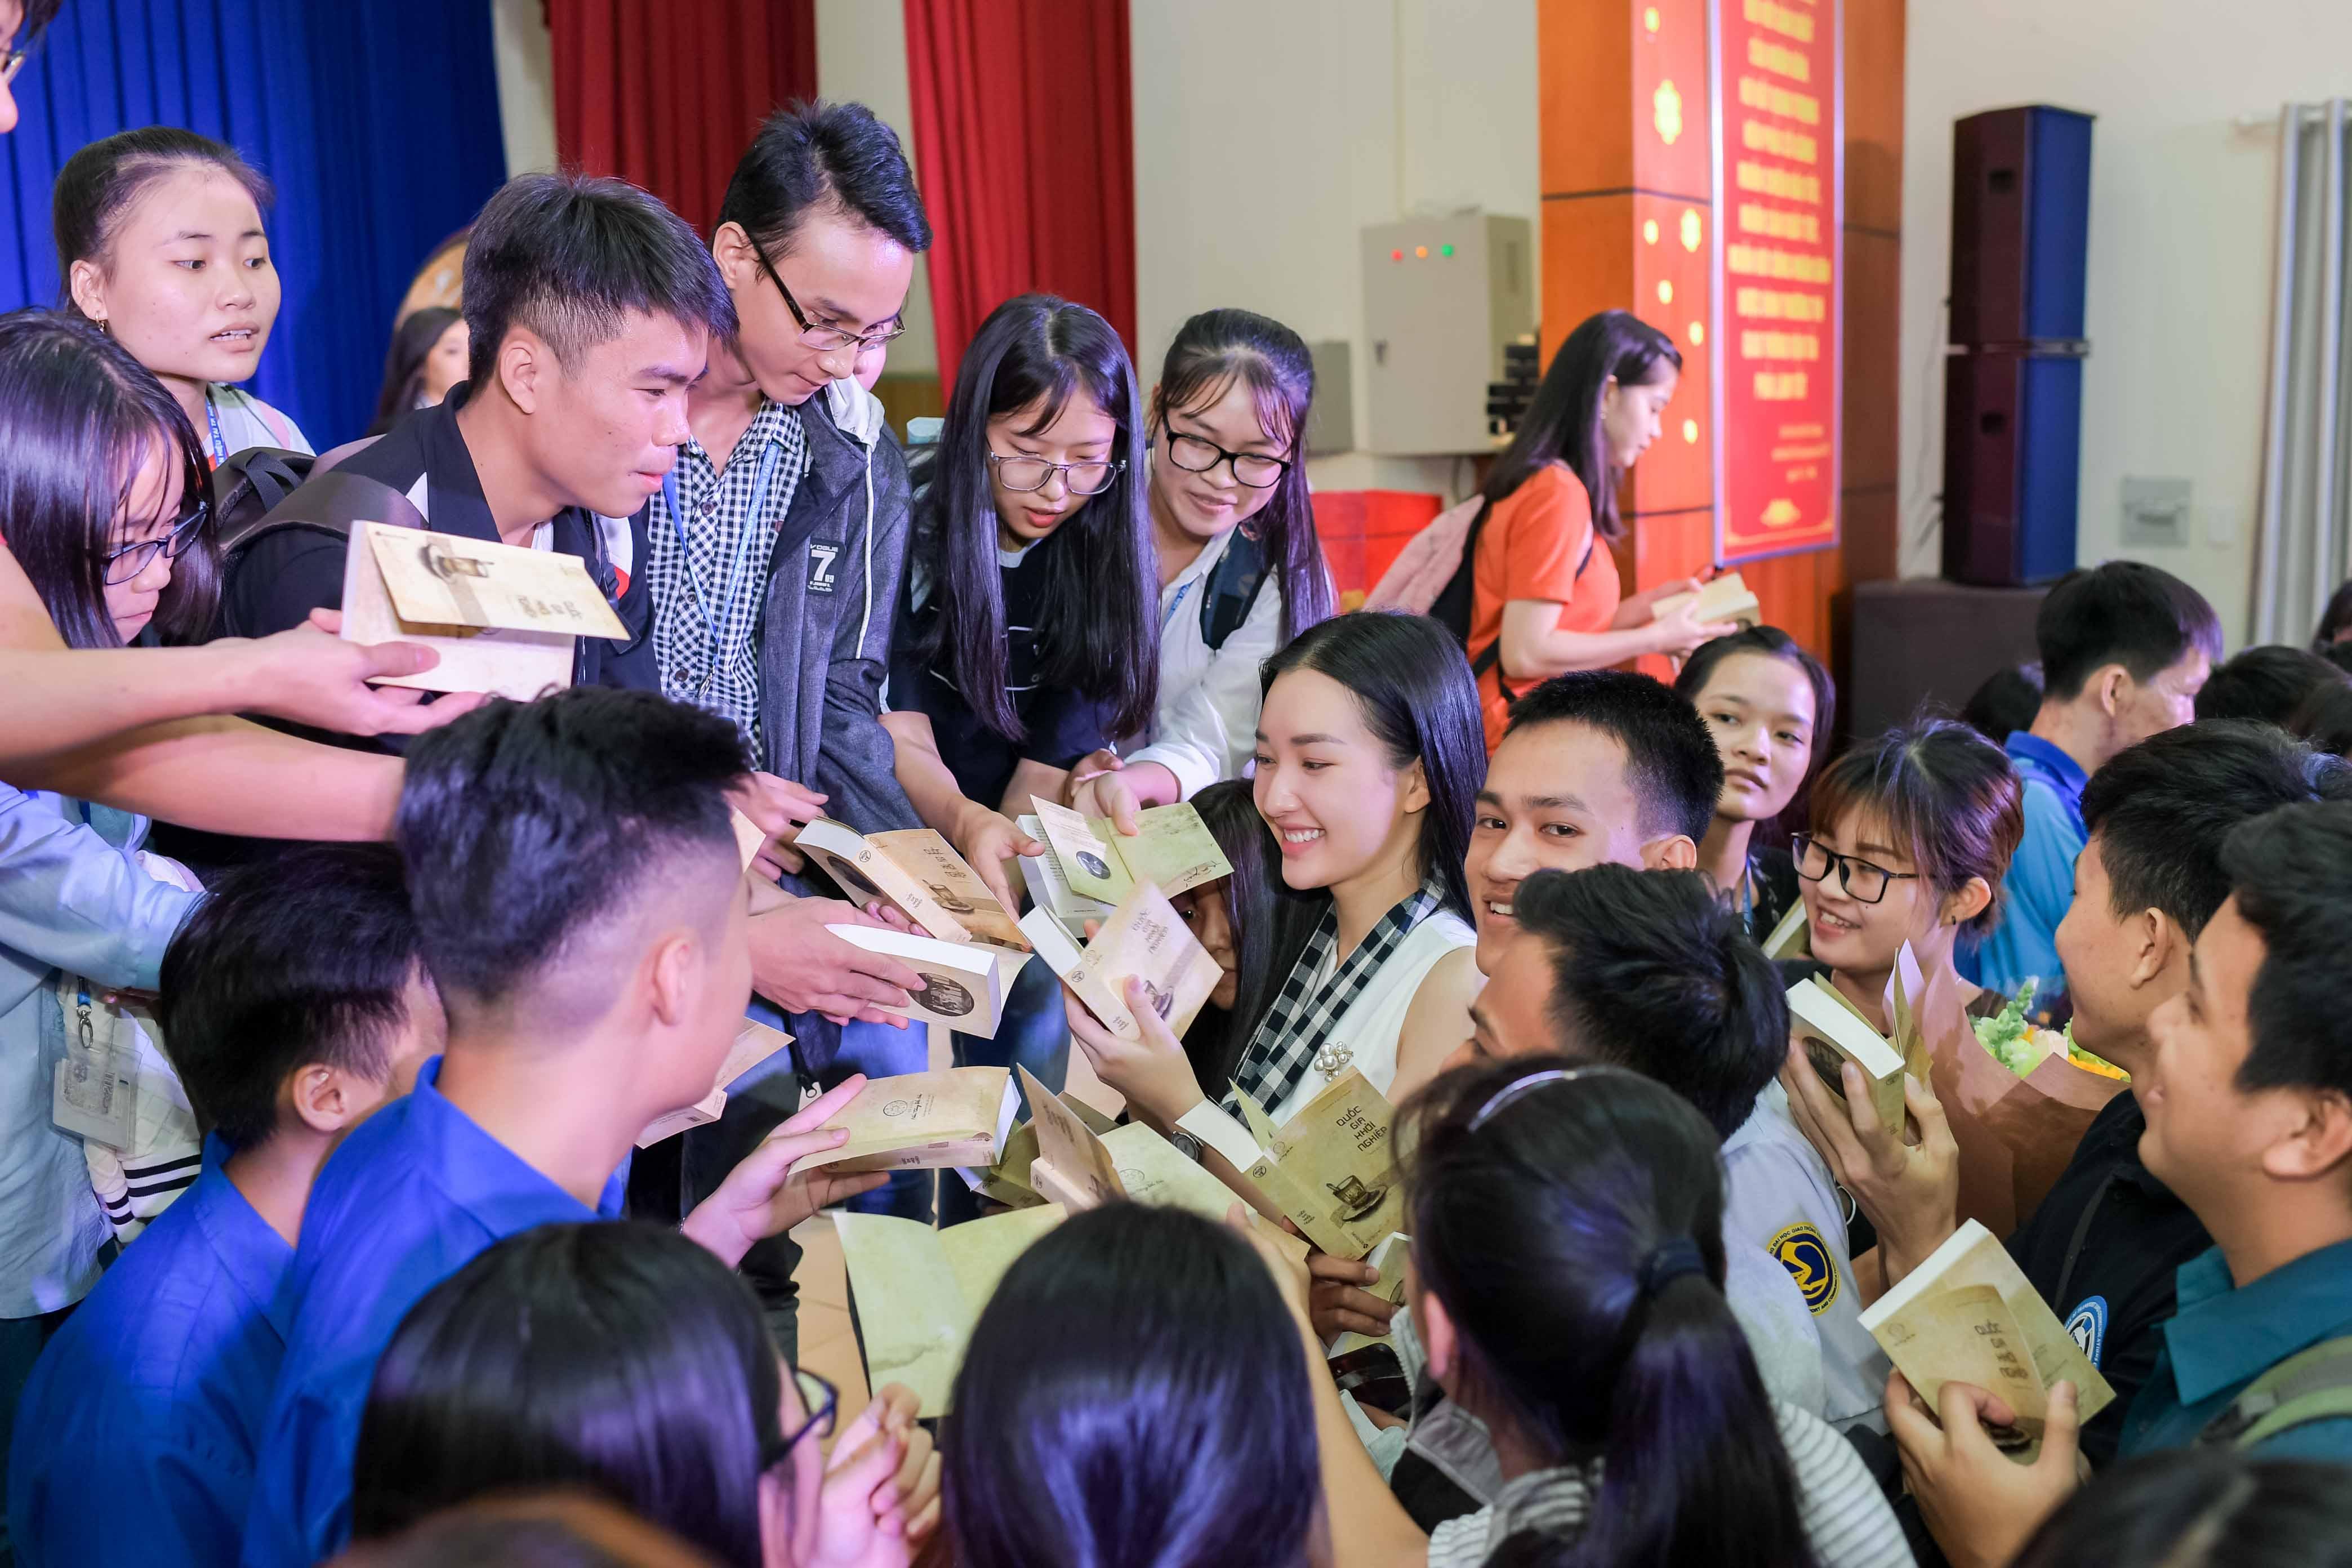 Thúy Vân, Ngọc Trân khoe nhan sắc nổi bật và chia sẻ bí quyết thành công với sinh viên 0